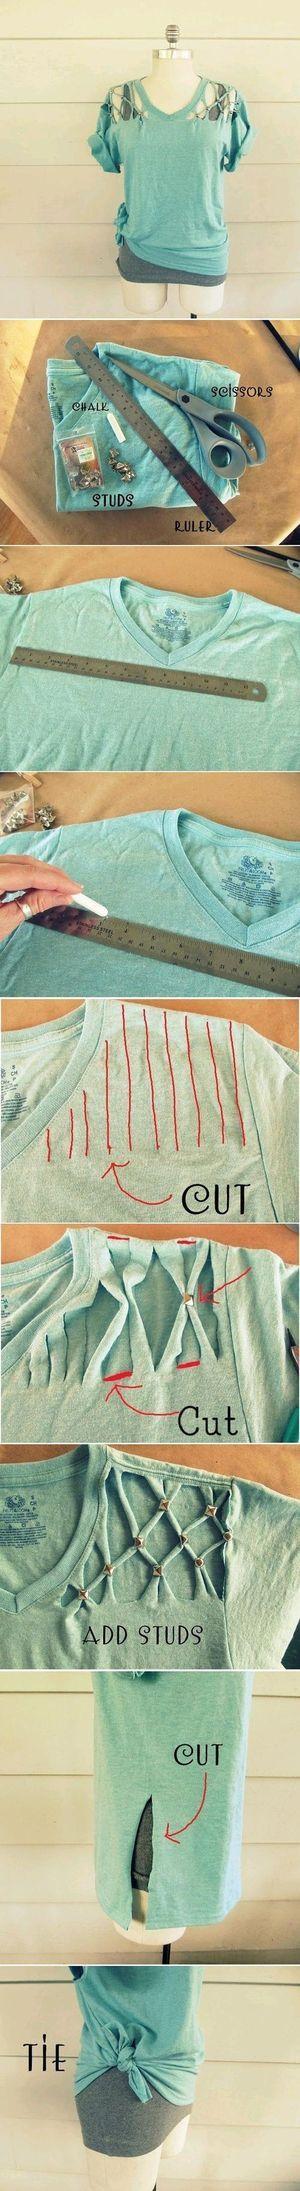 Creatief met een oud shirt! (gekopieerd van pinterest)